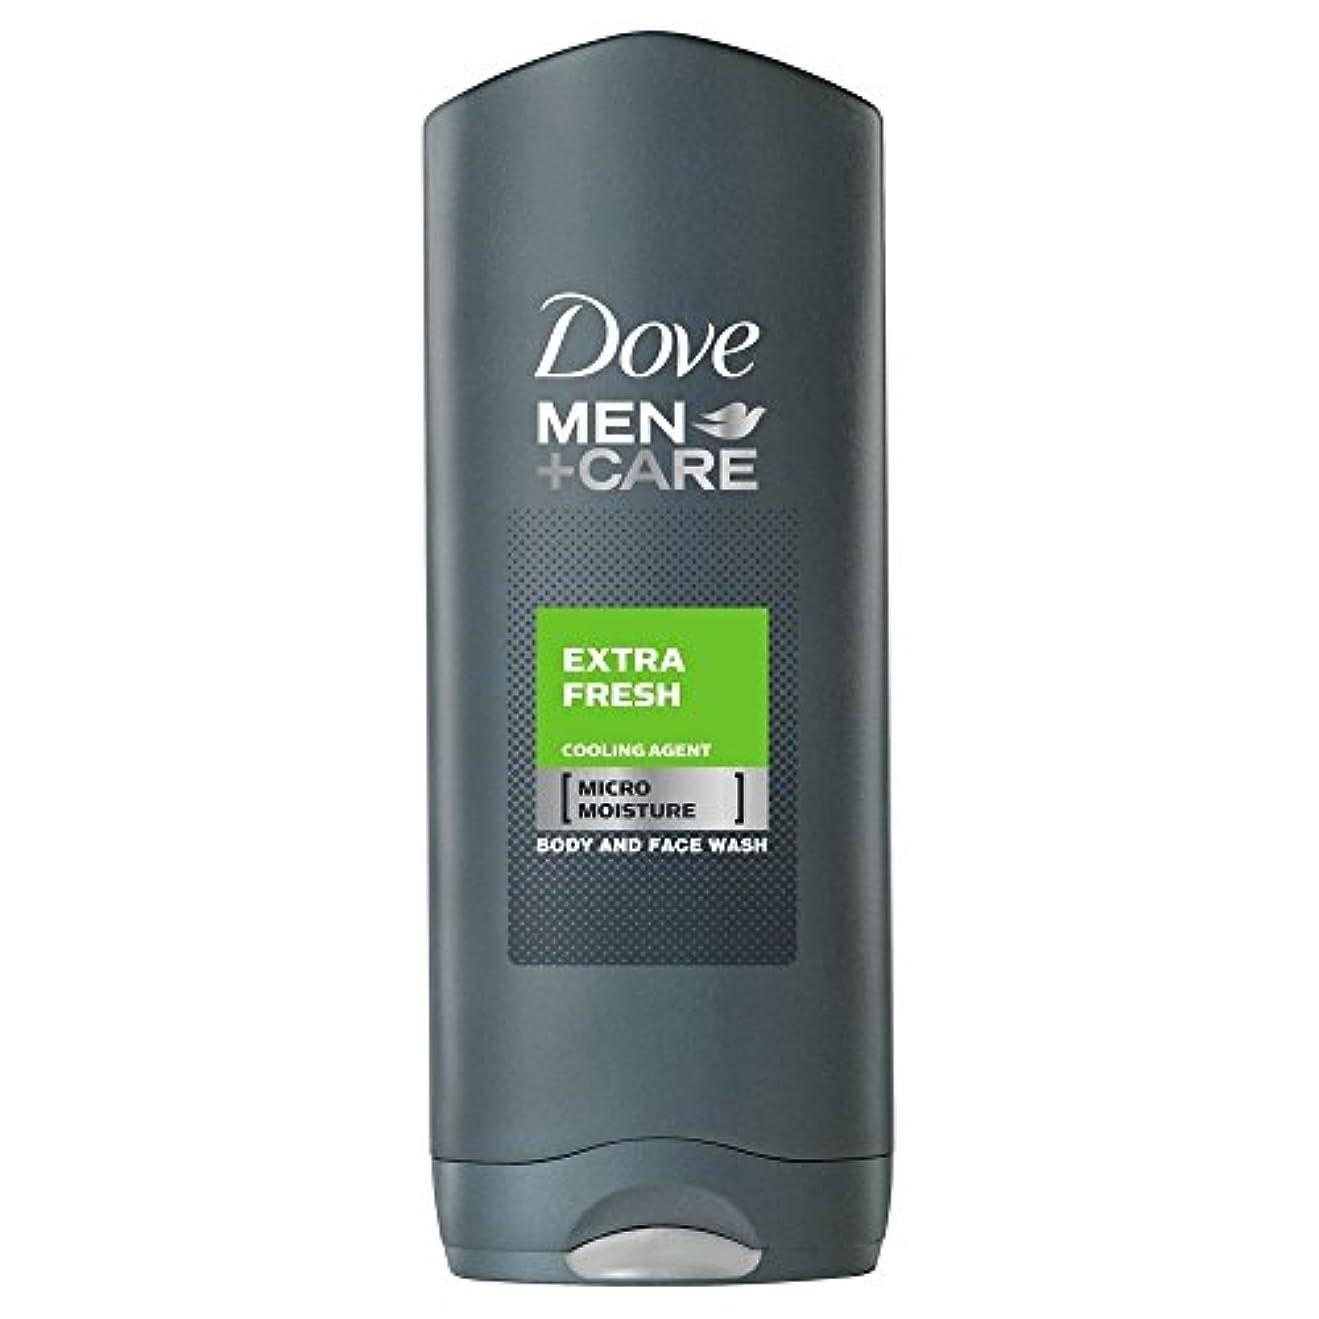 異形シチリアアルバニーDove Men + Care Body & Face Wash - Extra Fresh (250ml) 鳩の男性は+ボディと洗顔ケア - 余分な新鮮な( 250ミリリットル)を [並行輸入品]